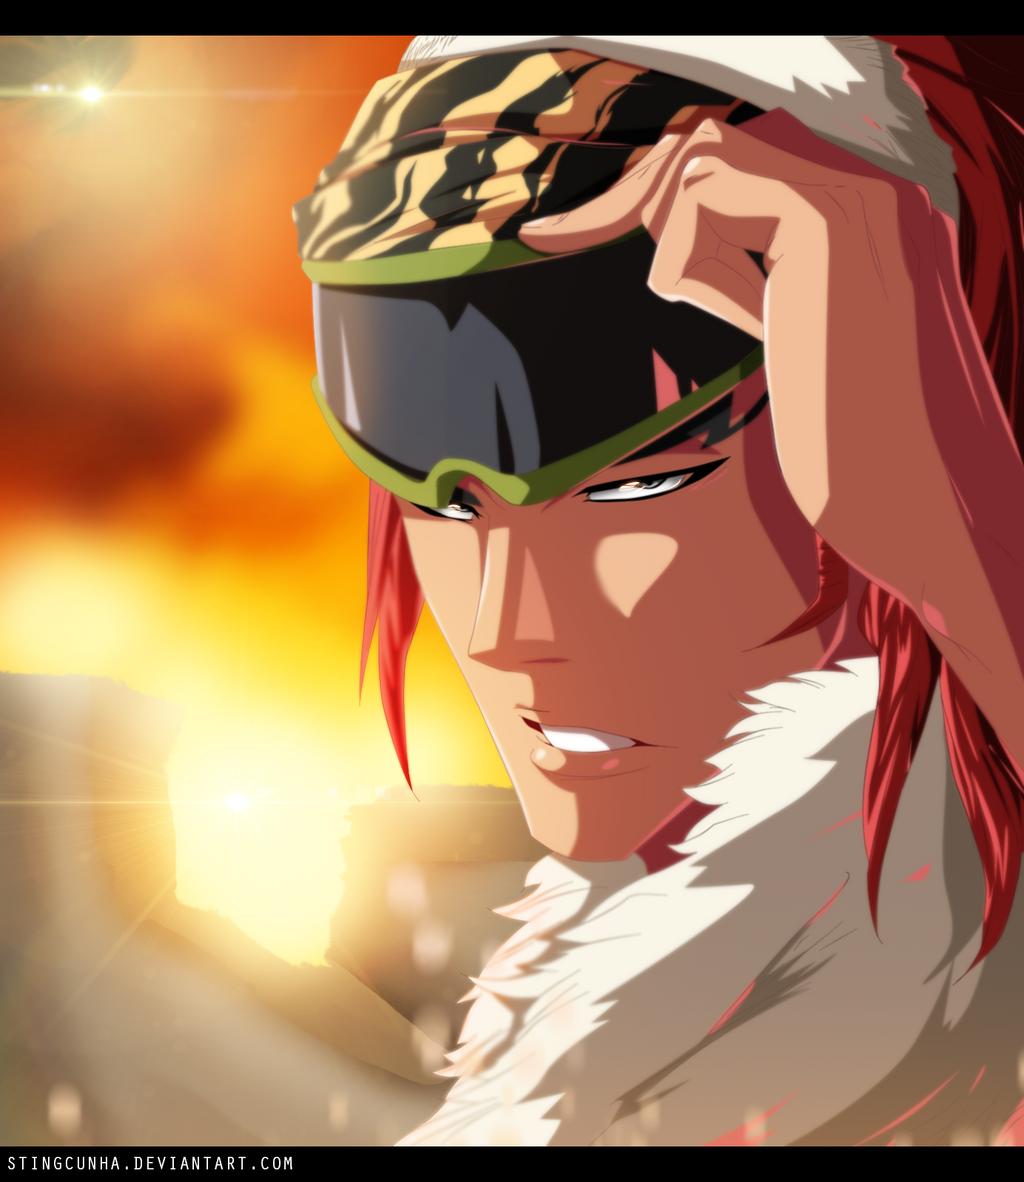 Bleach 561 Renji - Another Villain... by StingCunha